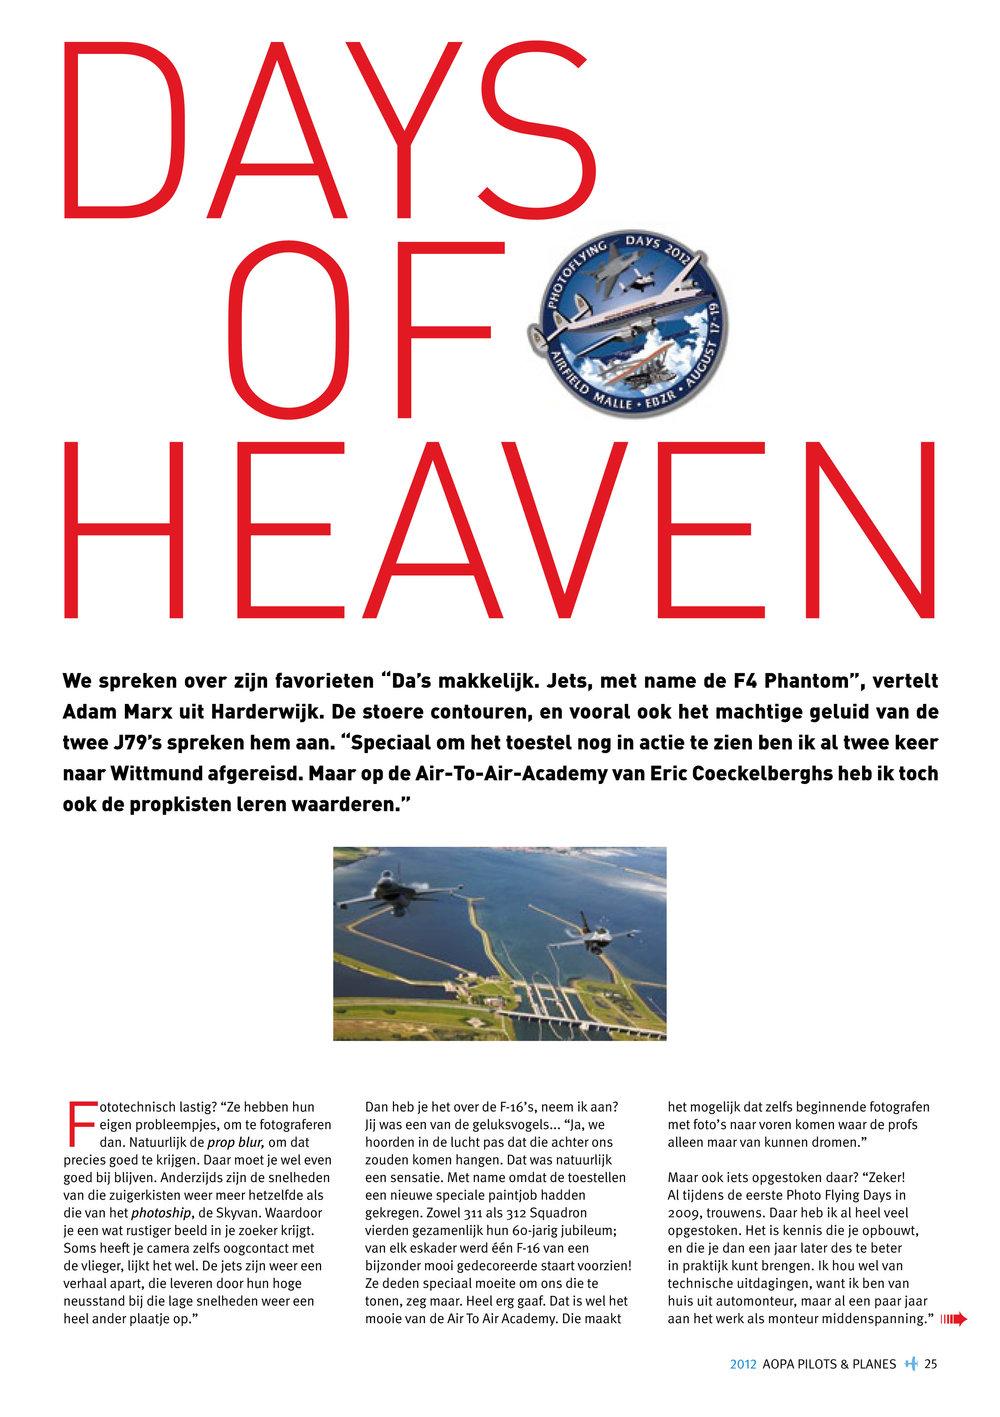 2012-05, P&P mei 2012 nr 317 Web-25.jpg